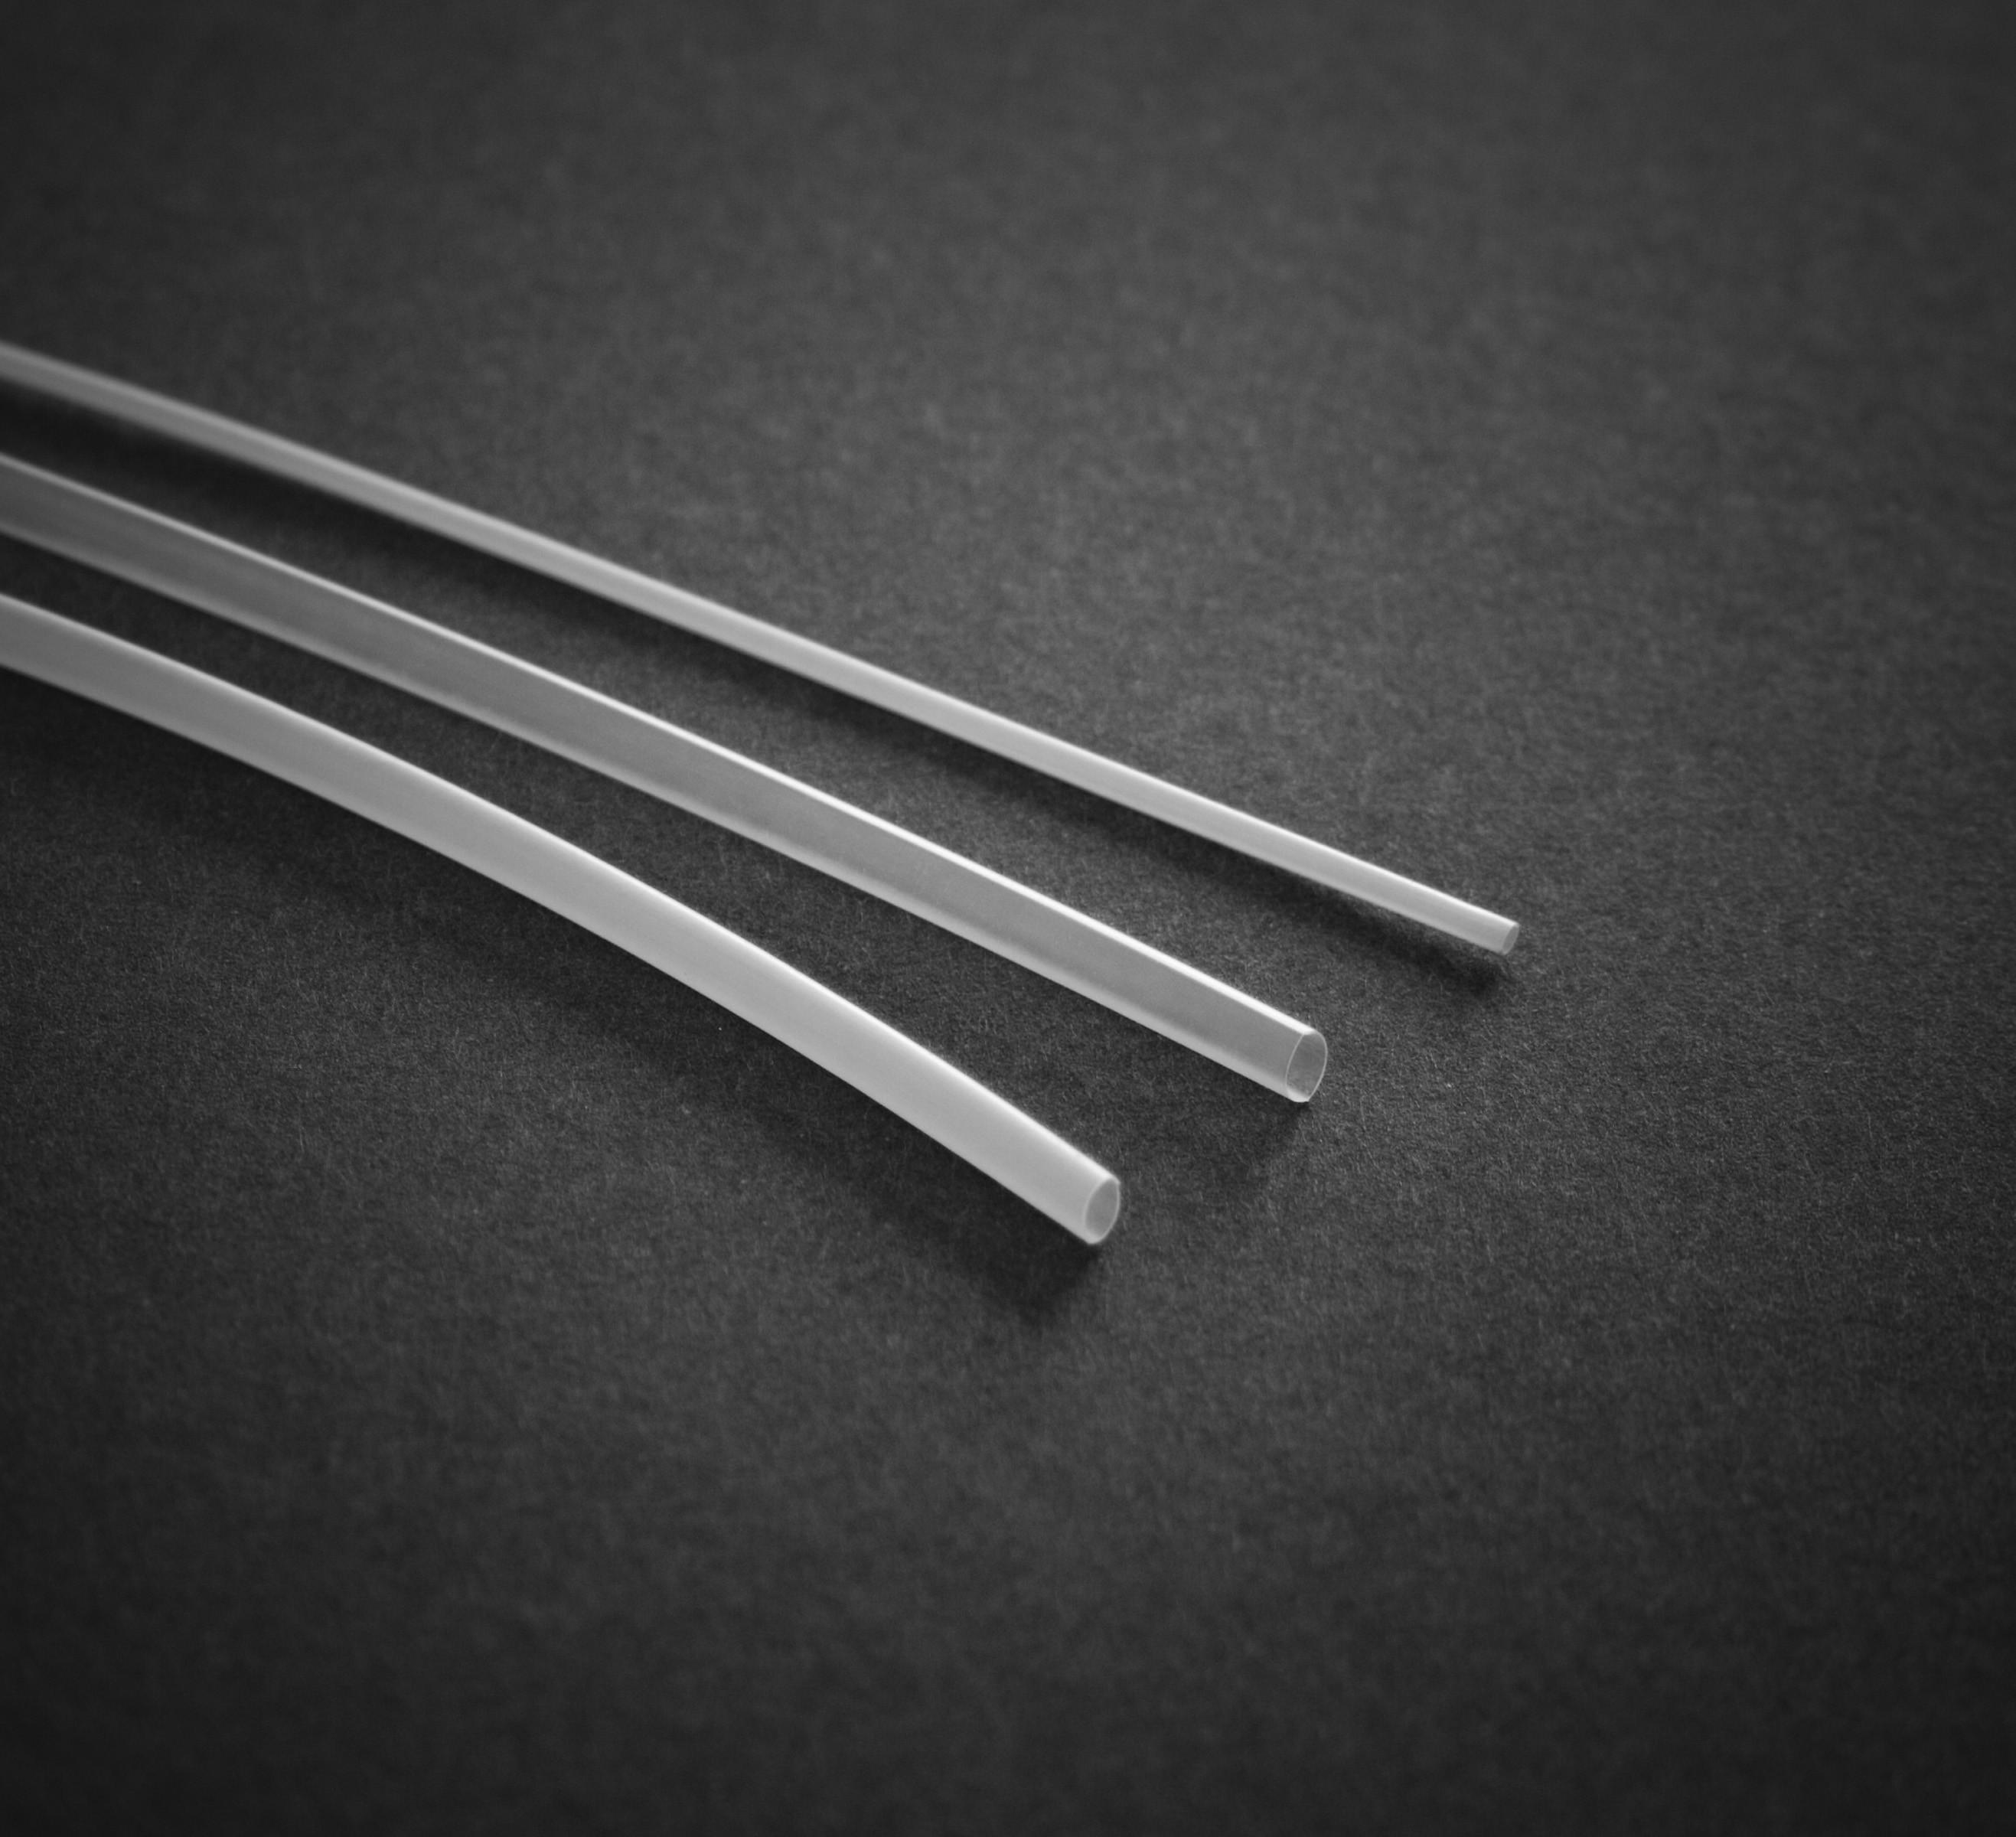 KYNAR Heat Shrink Tubing HKY size 3.2mm I.D / 1.6mm I.D Clear